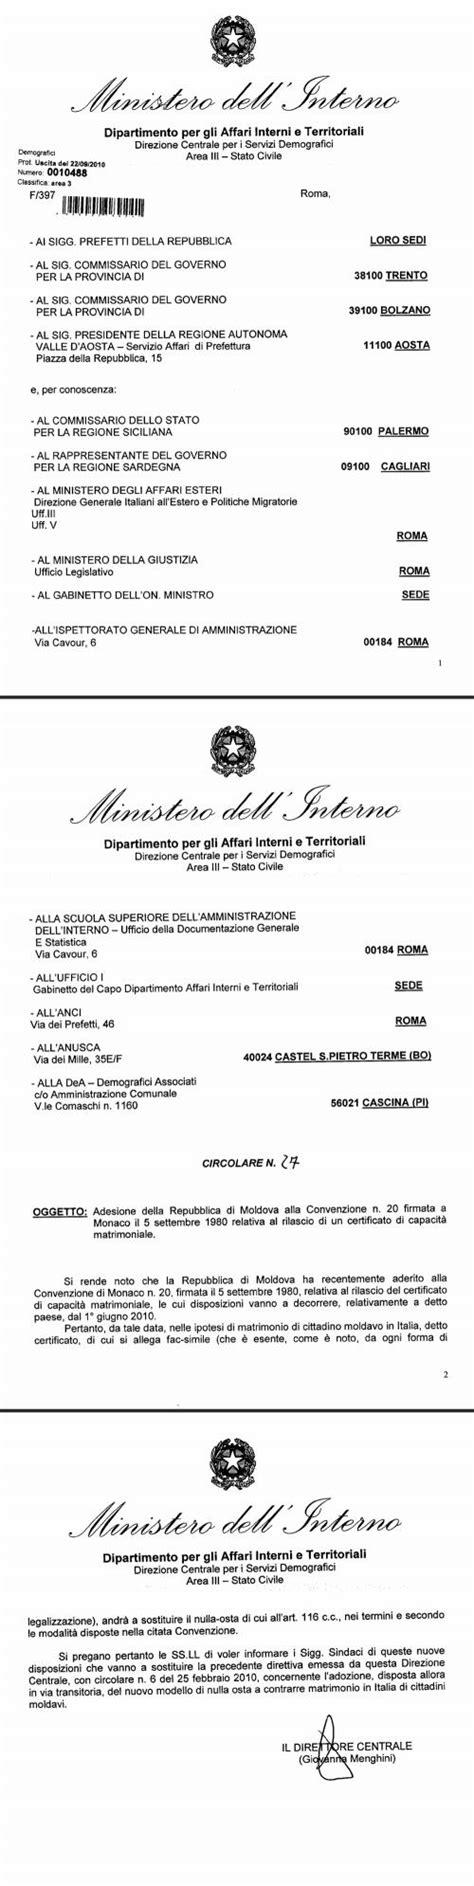 consolato moldavo in italia adesione della repubblica di moldova alla convenzione n 20